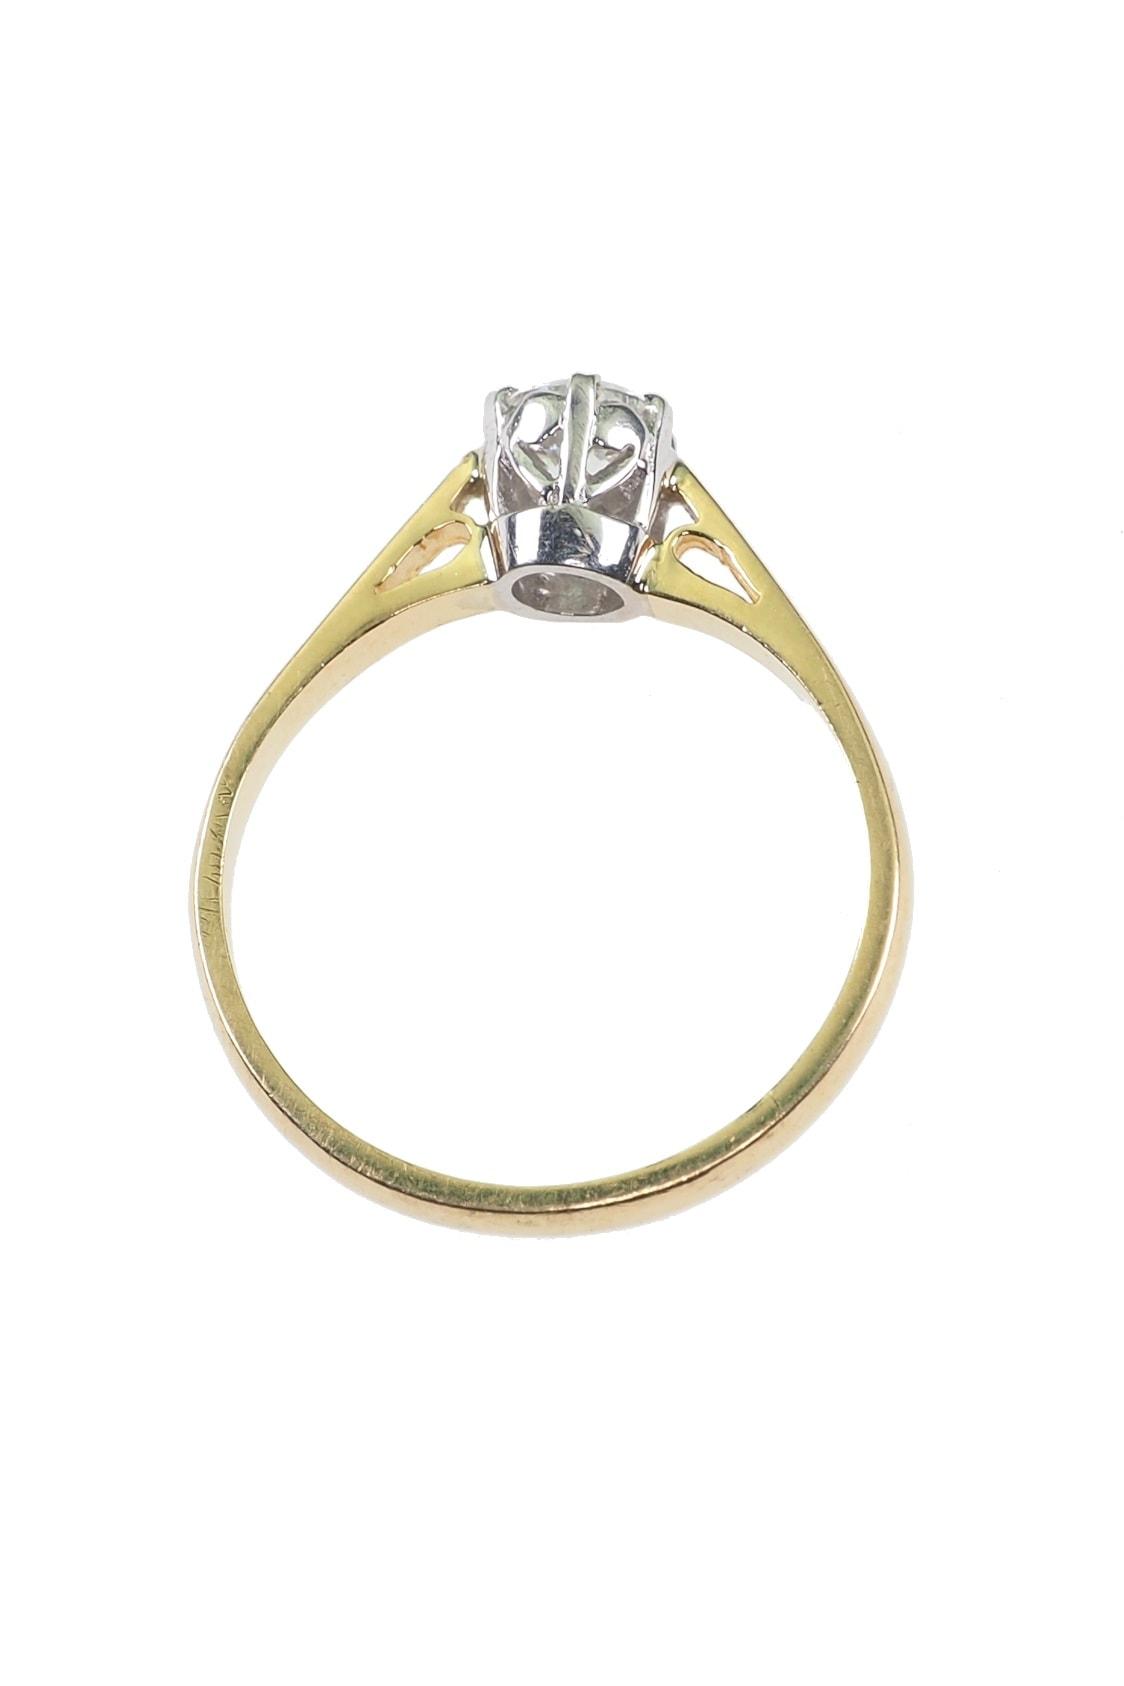 Verlobungsringe-online-kaufen-1754b